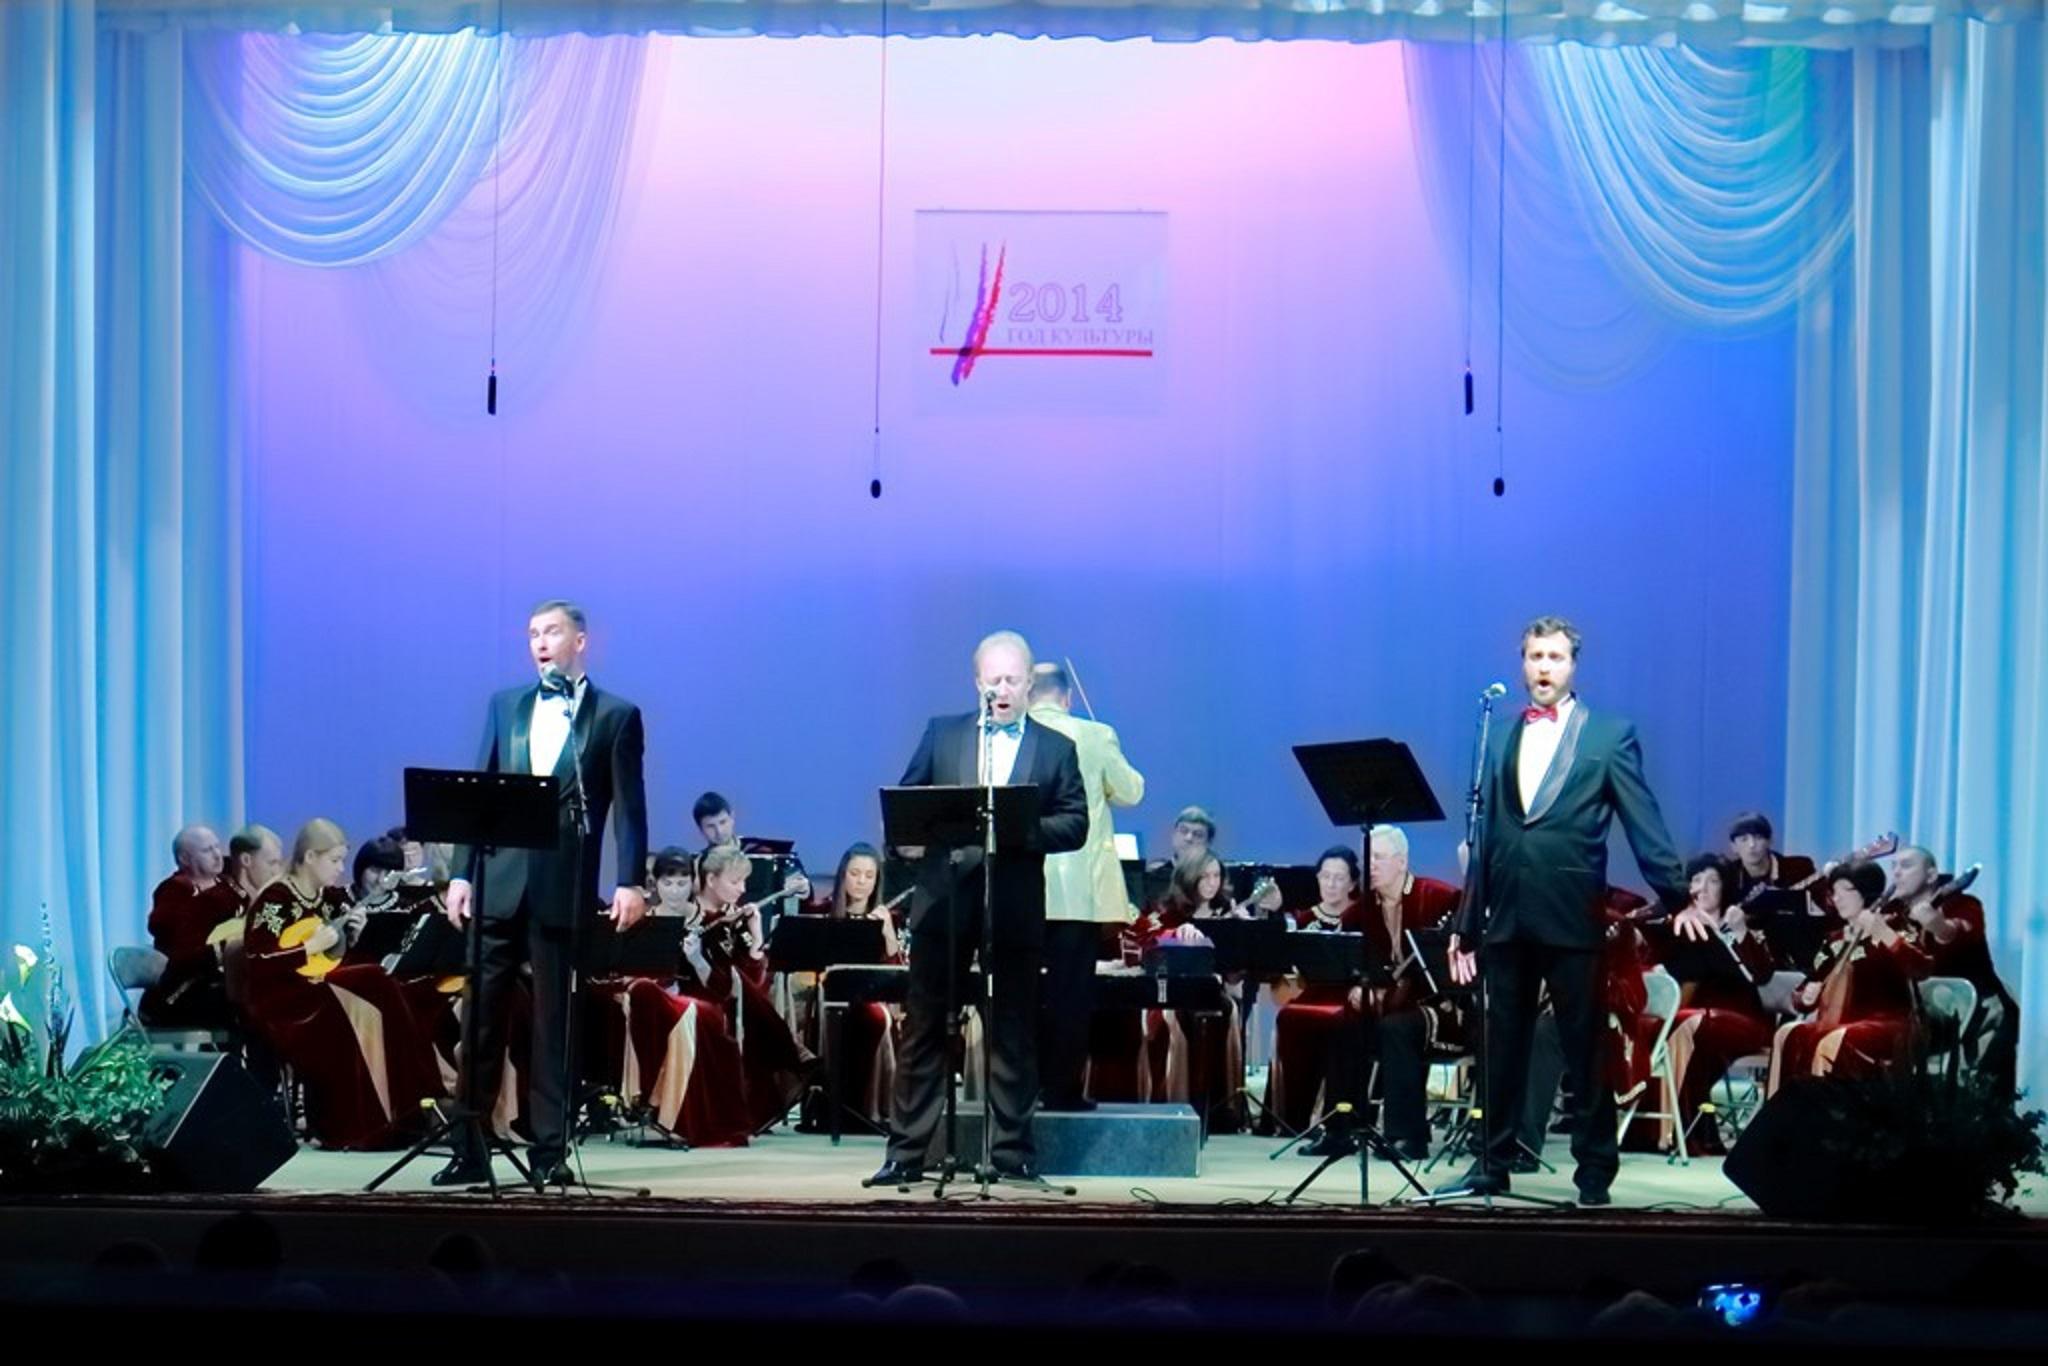 Три баса-профундо в сопровождении оркестра русских народных инструментов